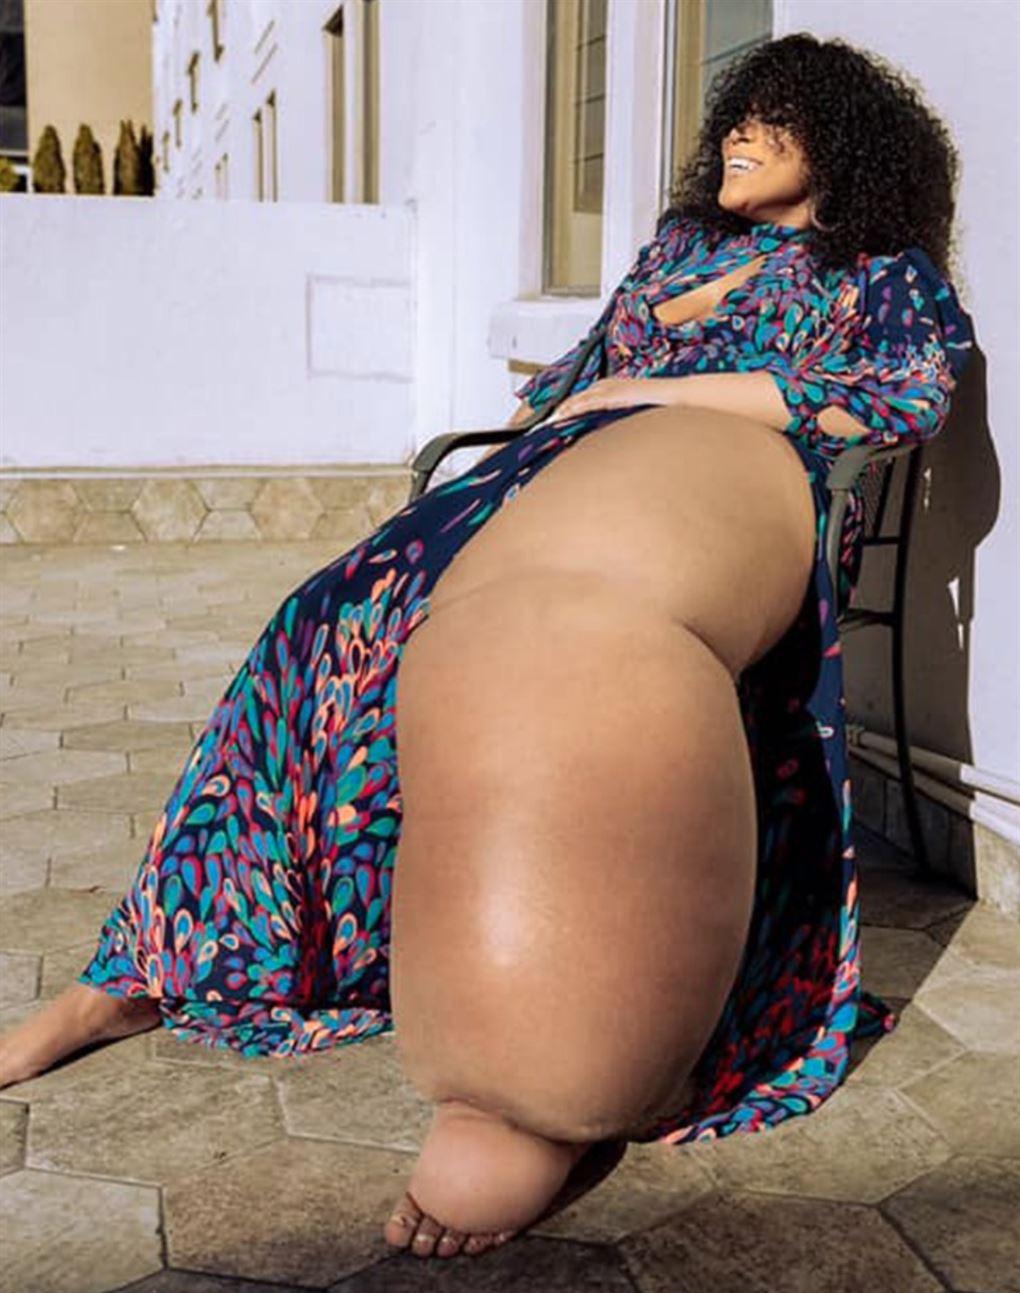 En pige med et kæmpe ben